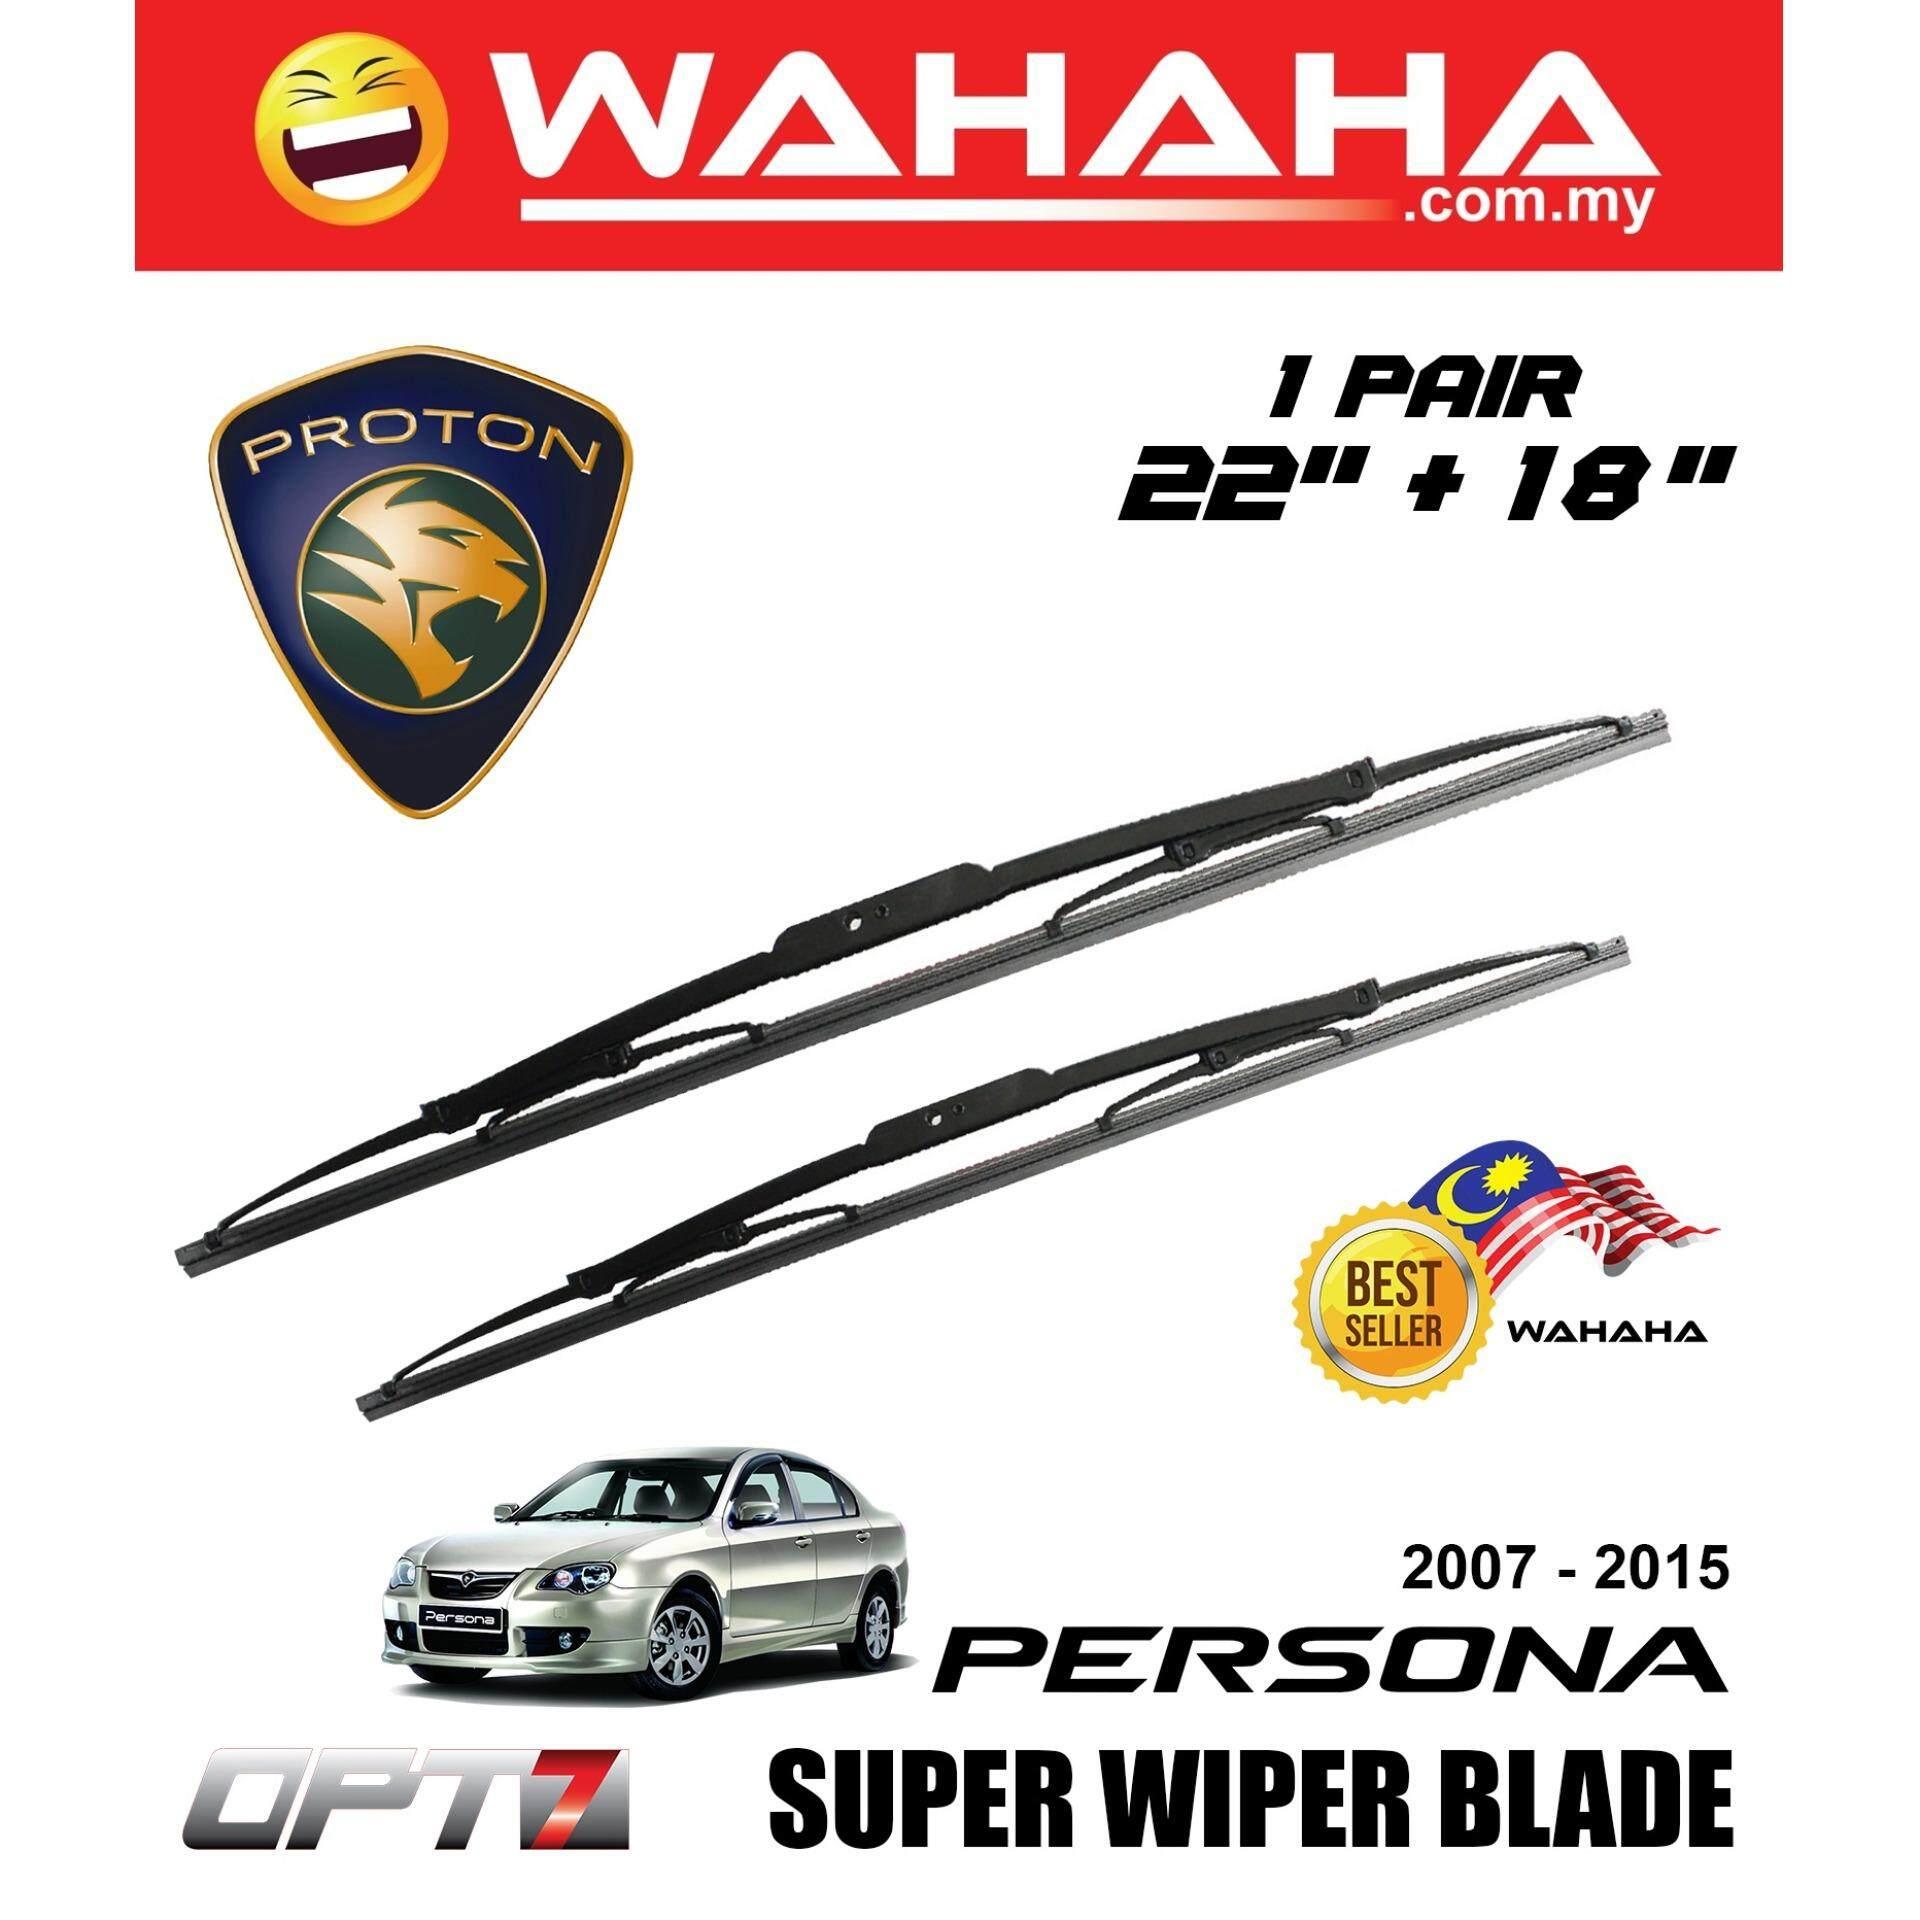 PROTON PERSONA 07-15 OPT7 Car Window Windshield Super Wiper Blade 22 +18